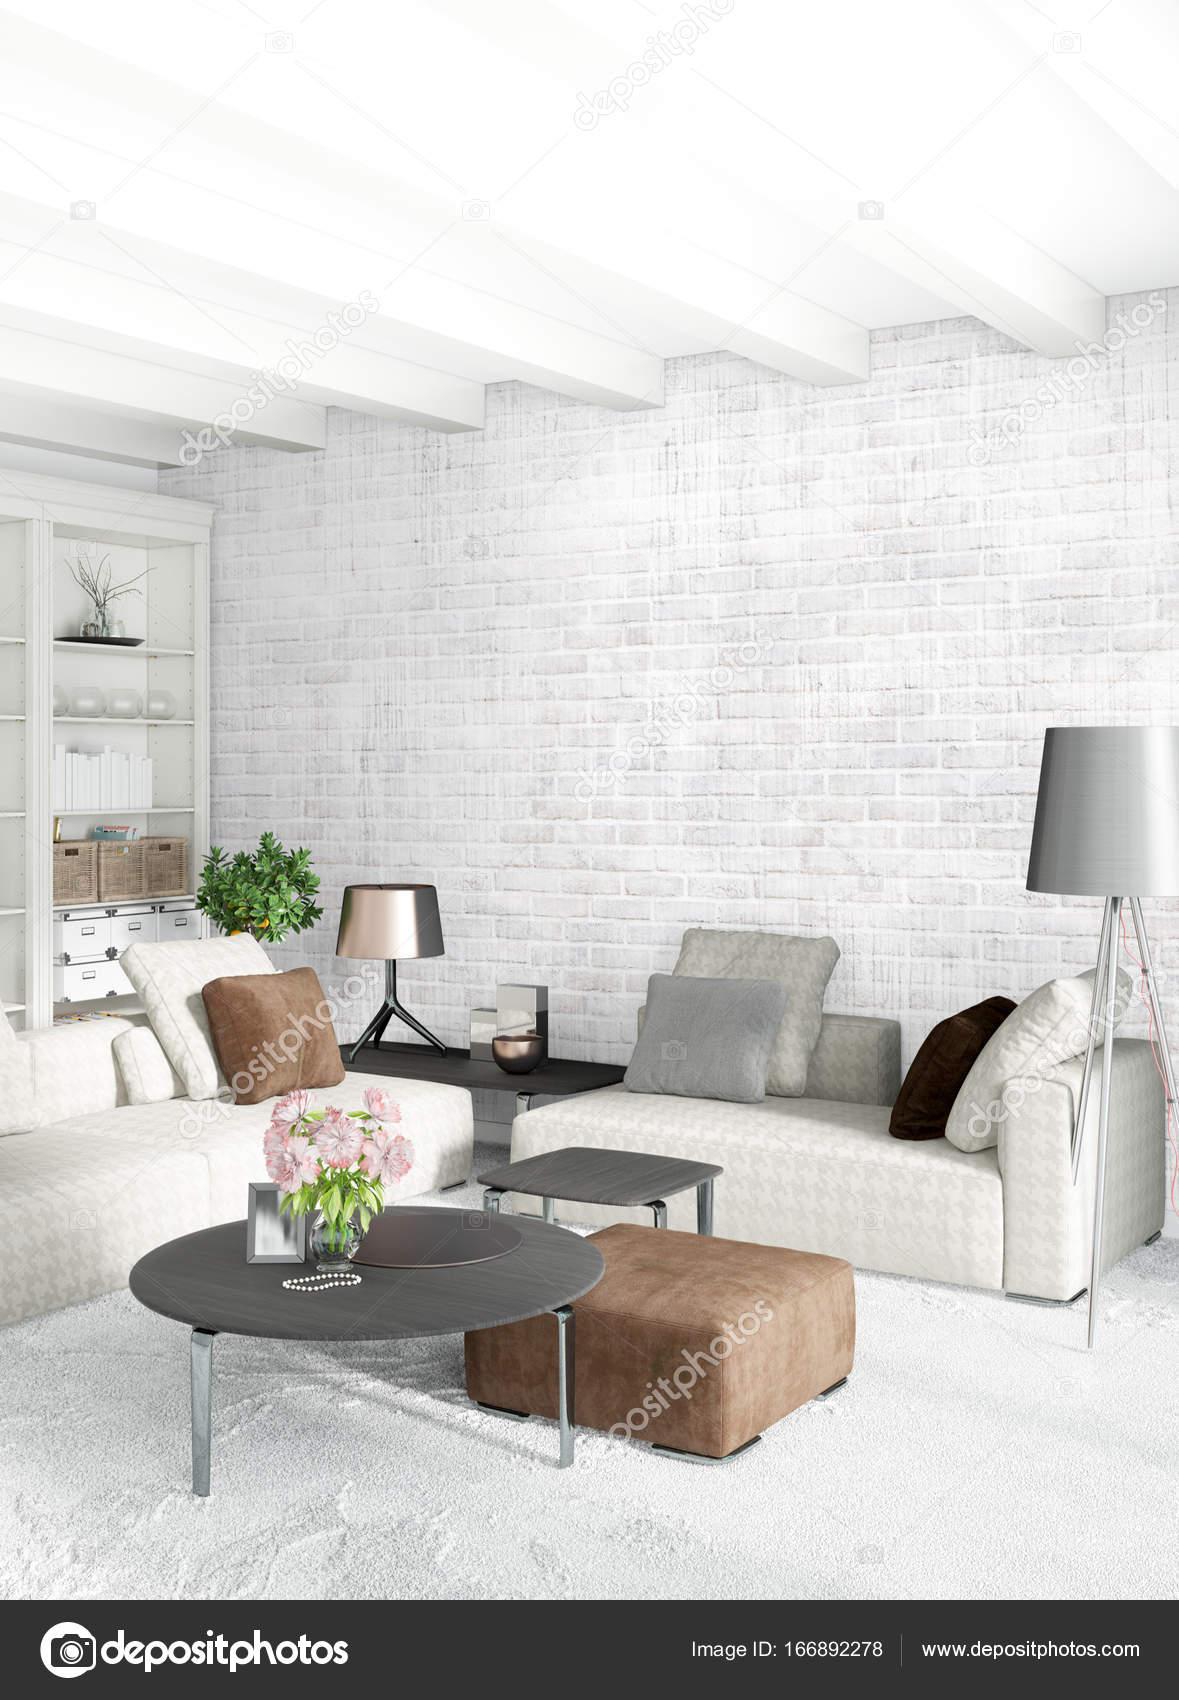 wei e schlafzimmer minimalistischen stil raumgestaltung mit holz wand und grauen sofa 3d. Black Bedroom Furniture Sets. Home Design Ideas